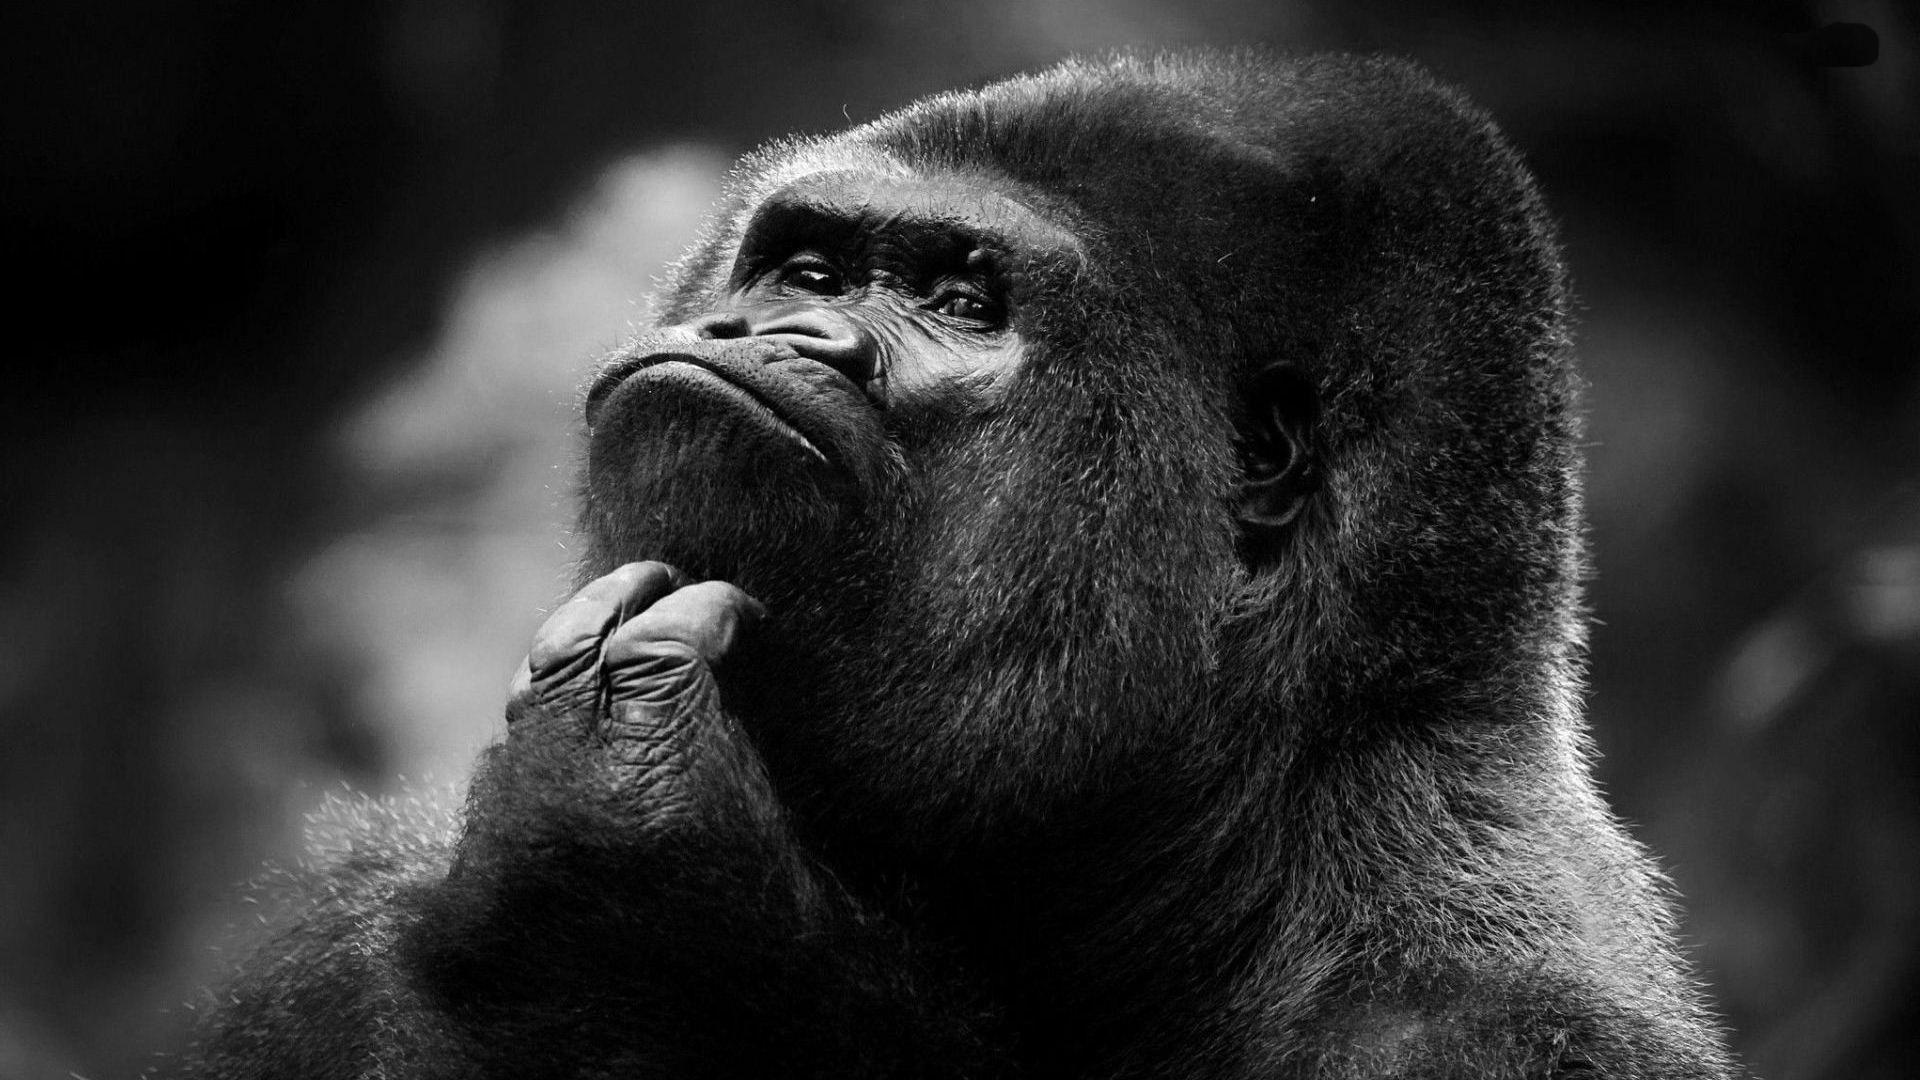 Primates Gorilla